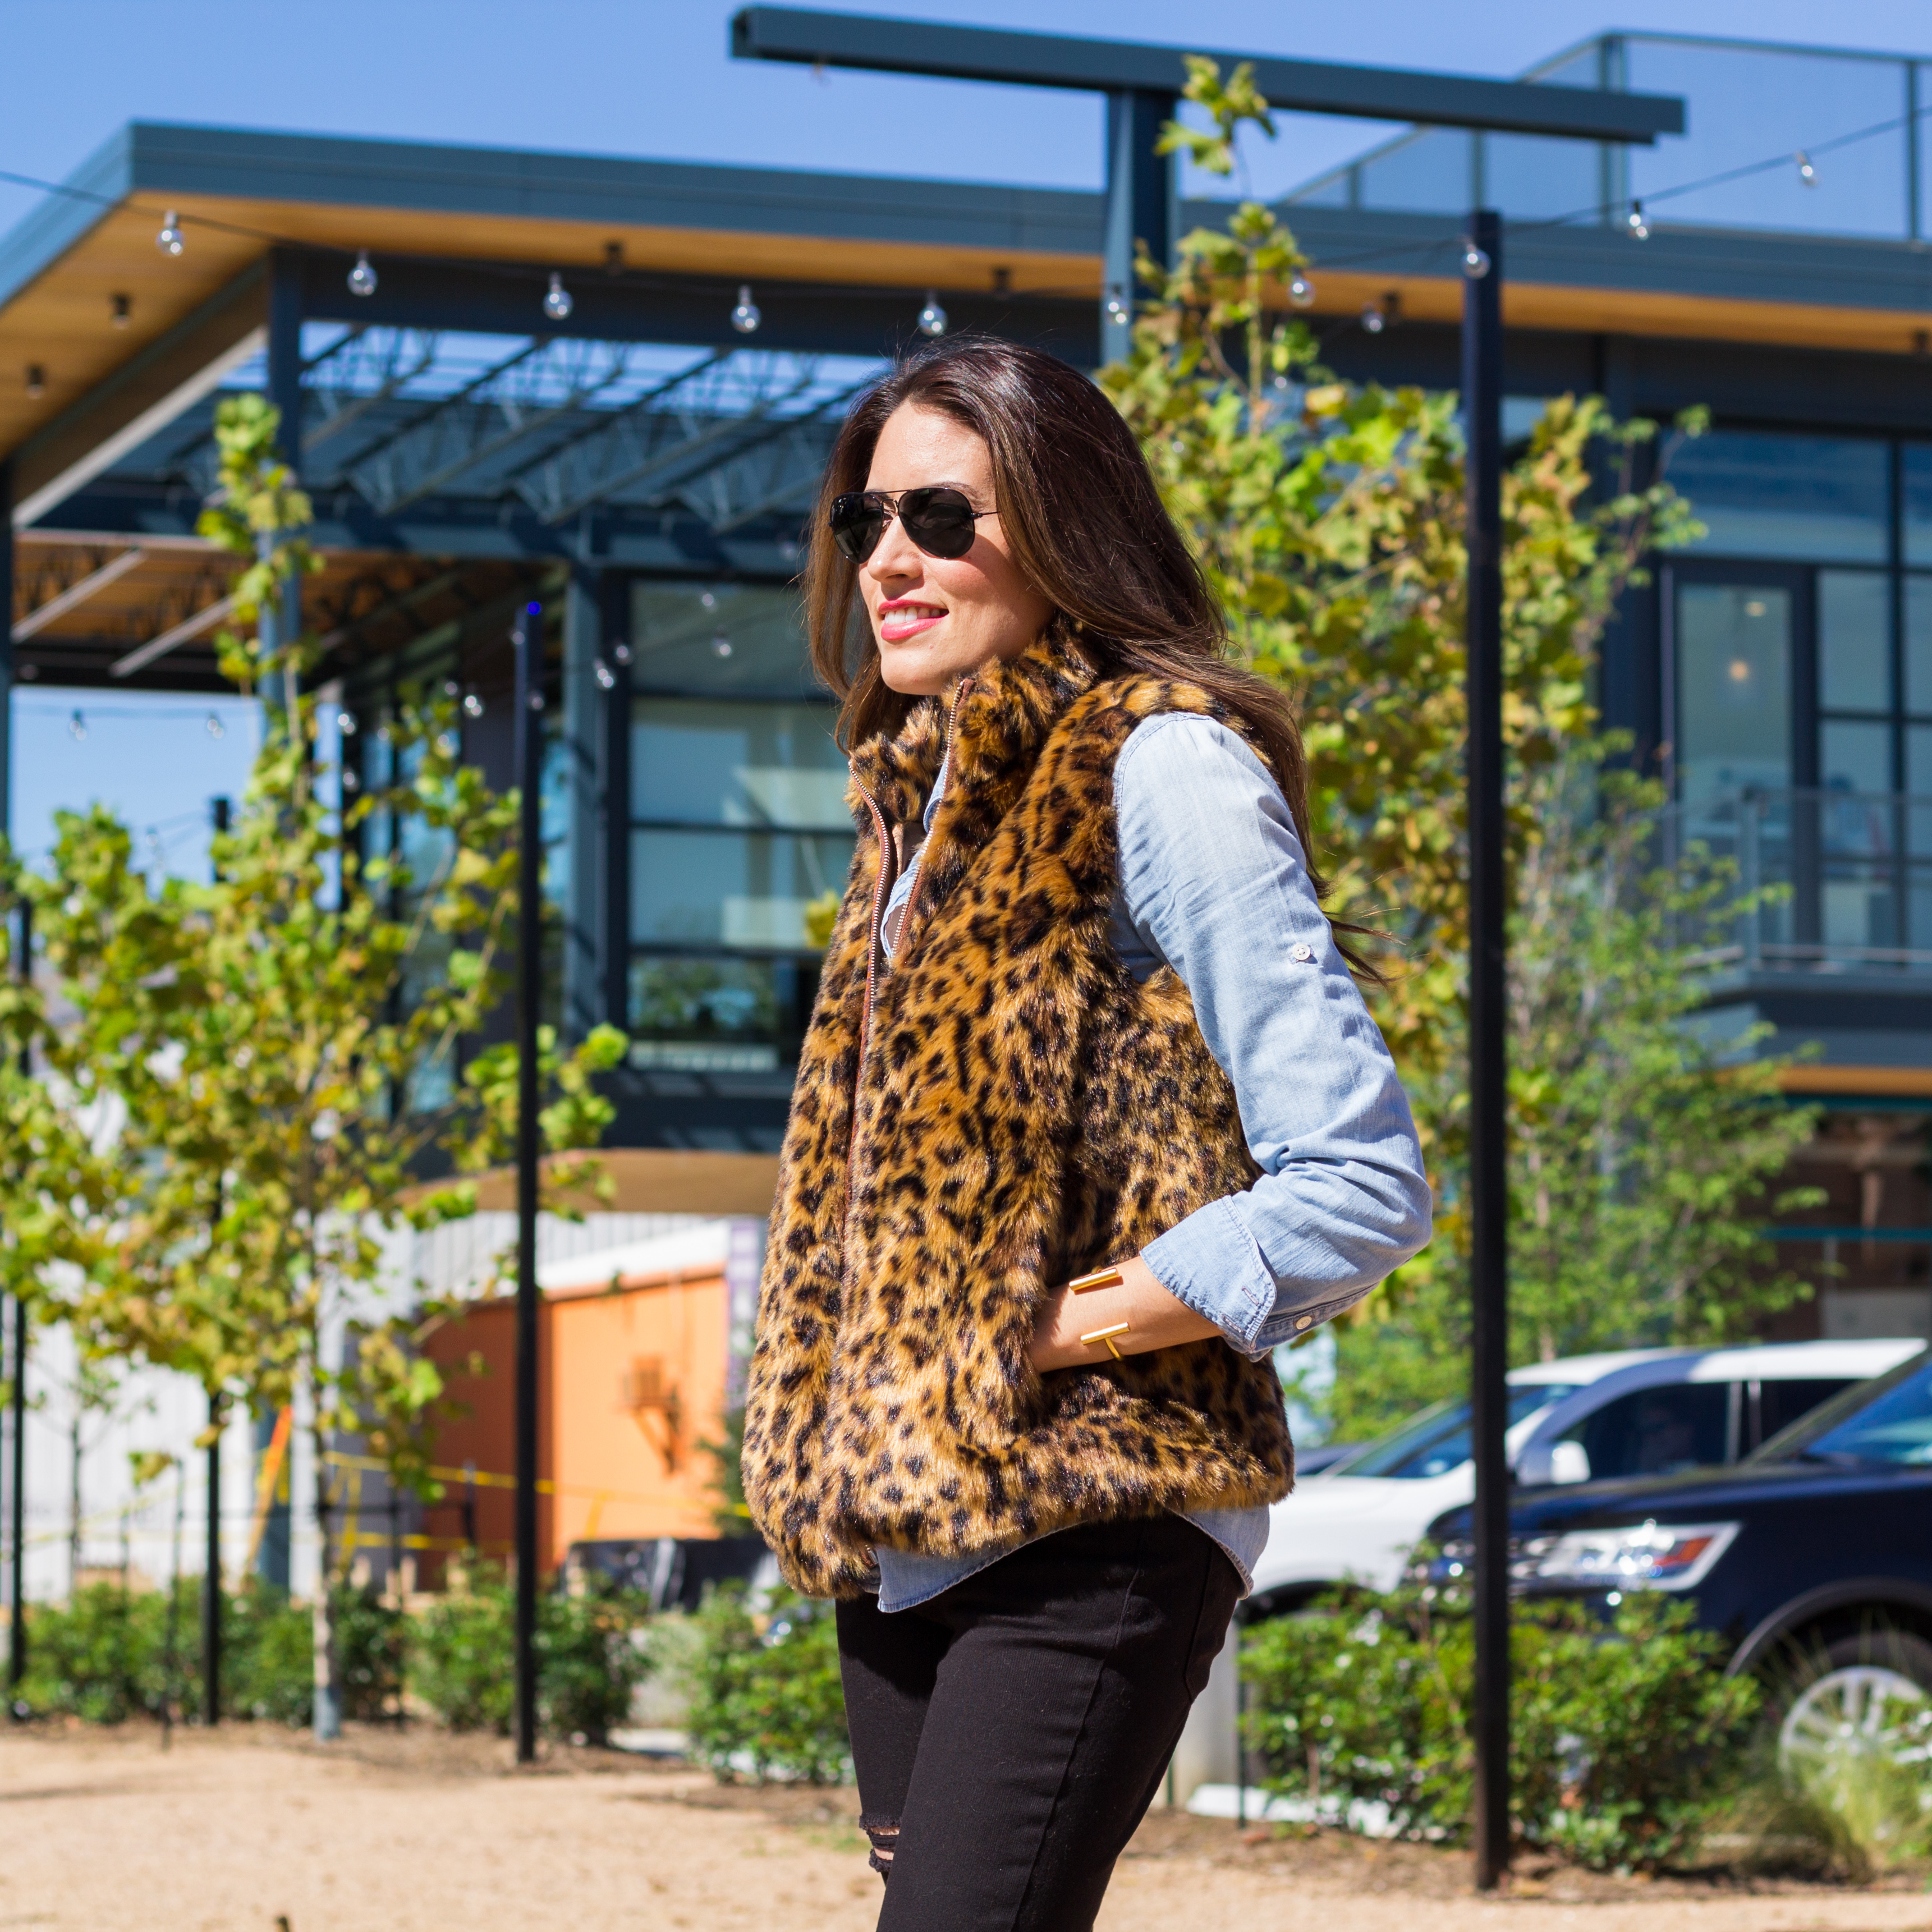 jcrew faux fur vest, leopard